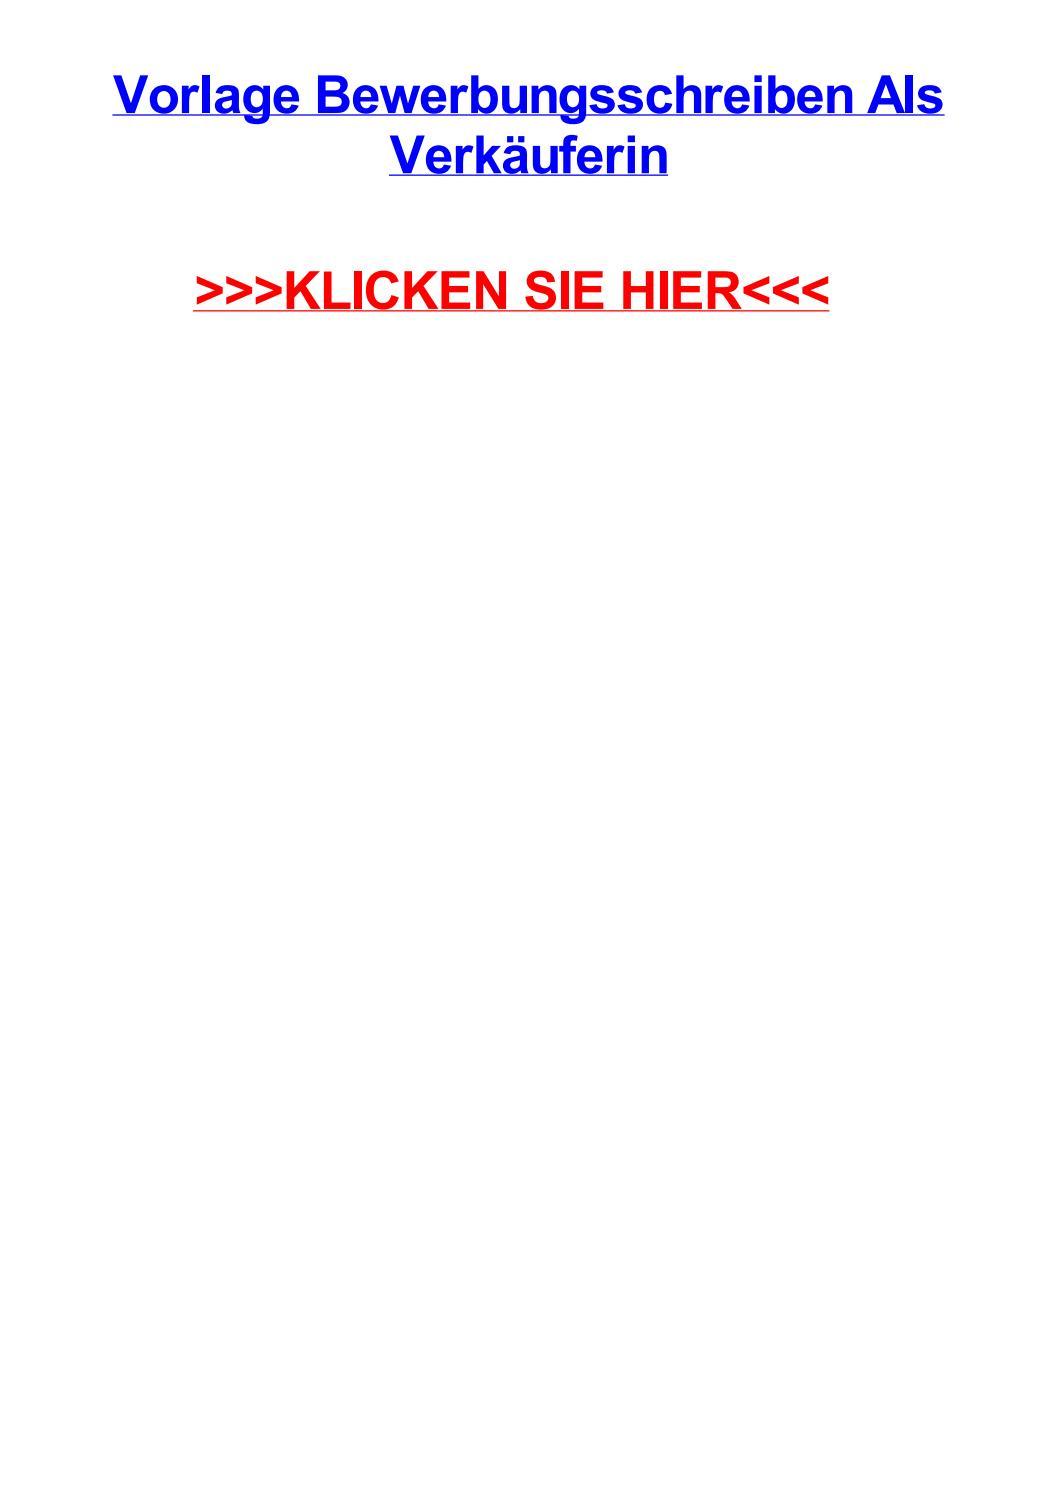 Vorlage bewerbungsschreiben als verkuferin by sandrauhjzi - issuu